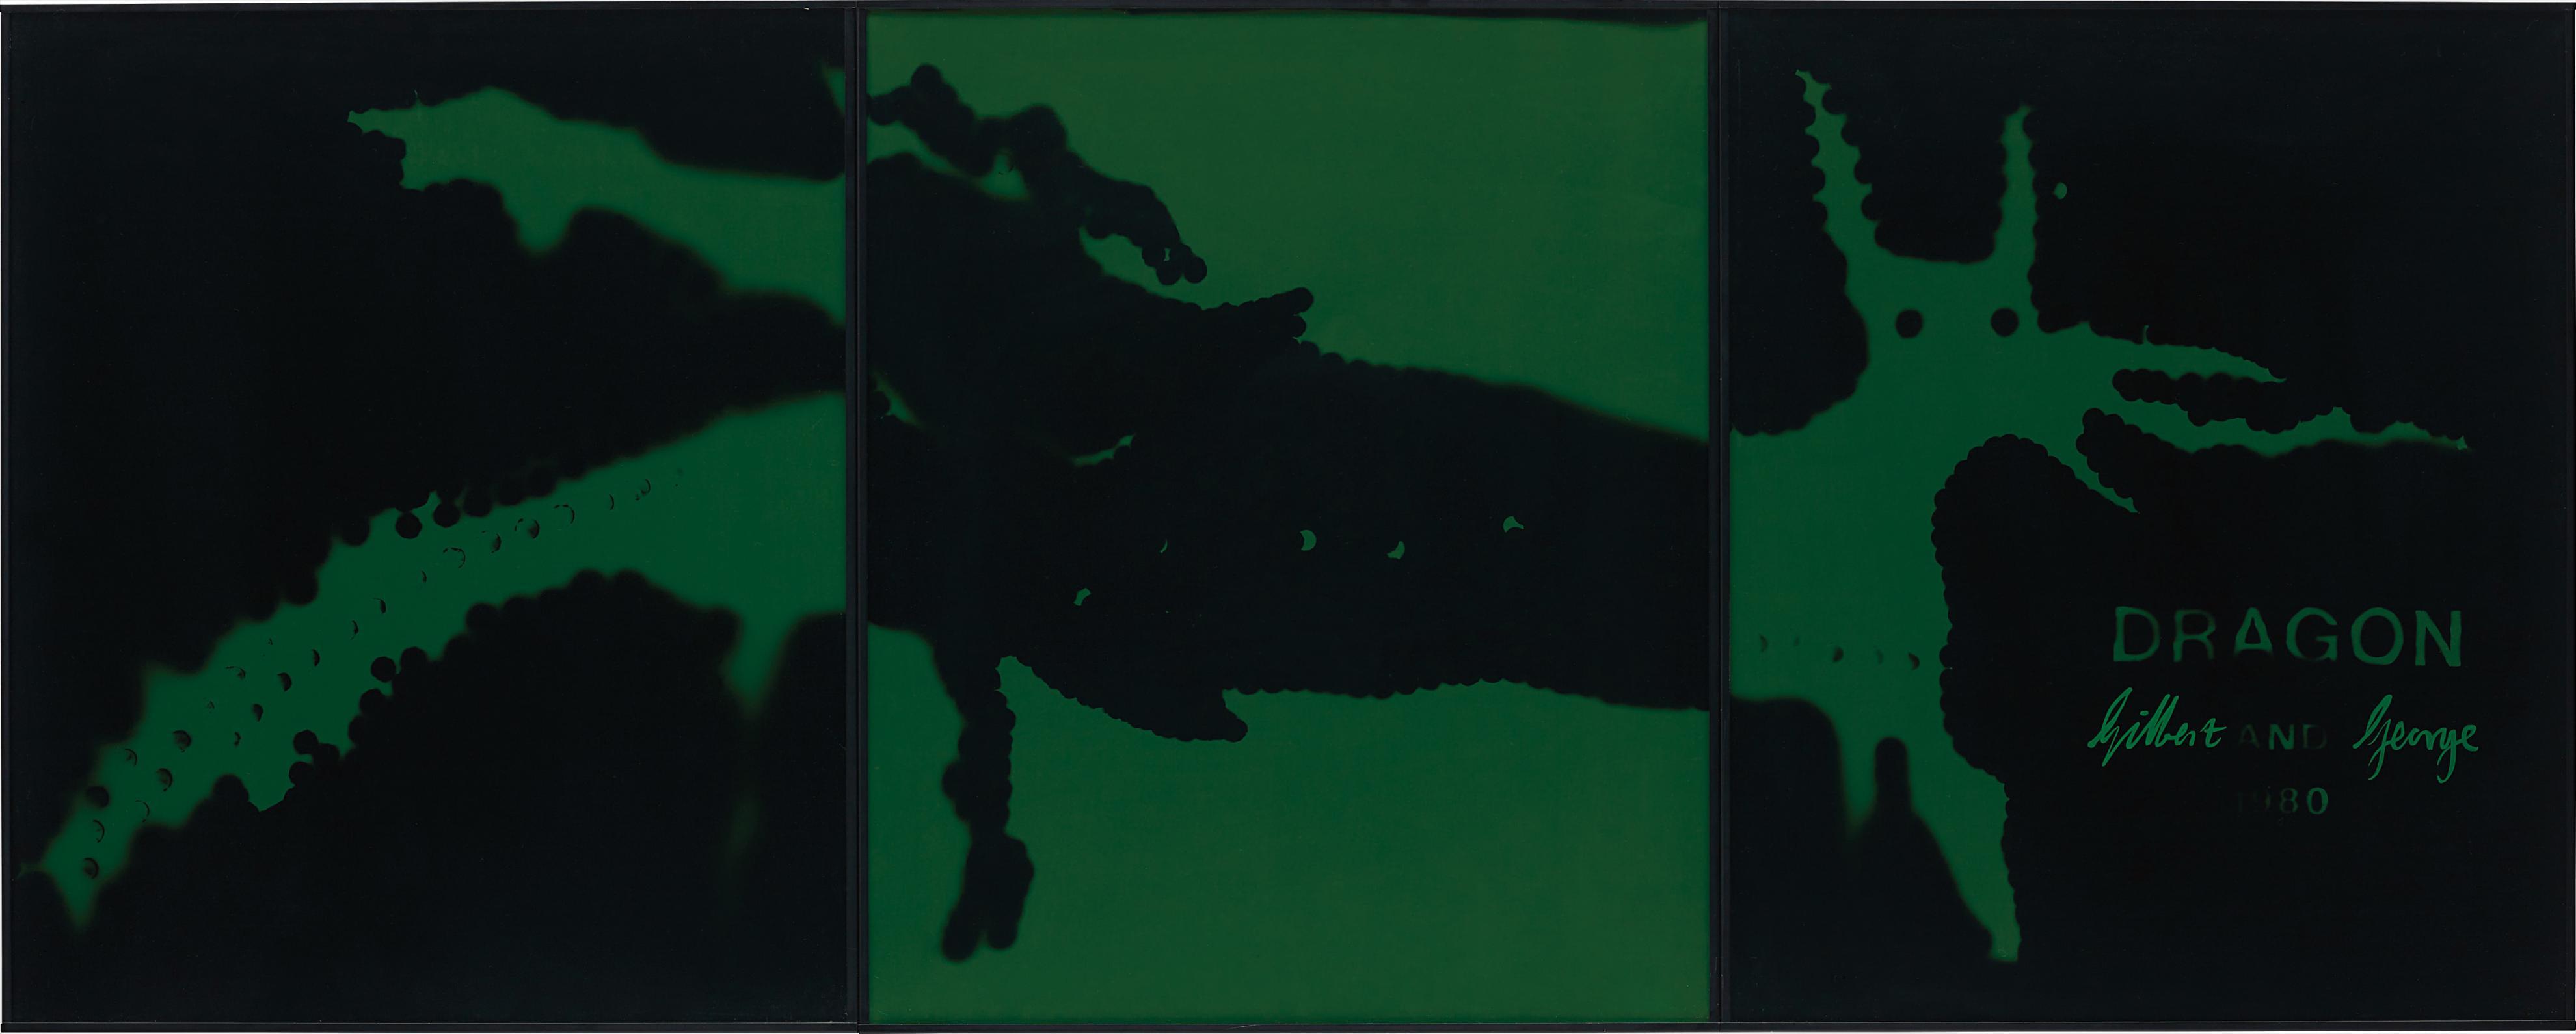 Gilbert and George-Dragon-1980